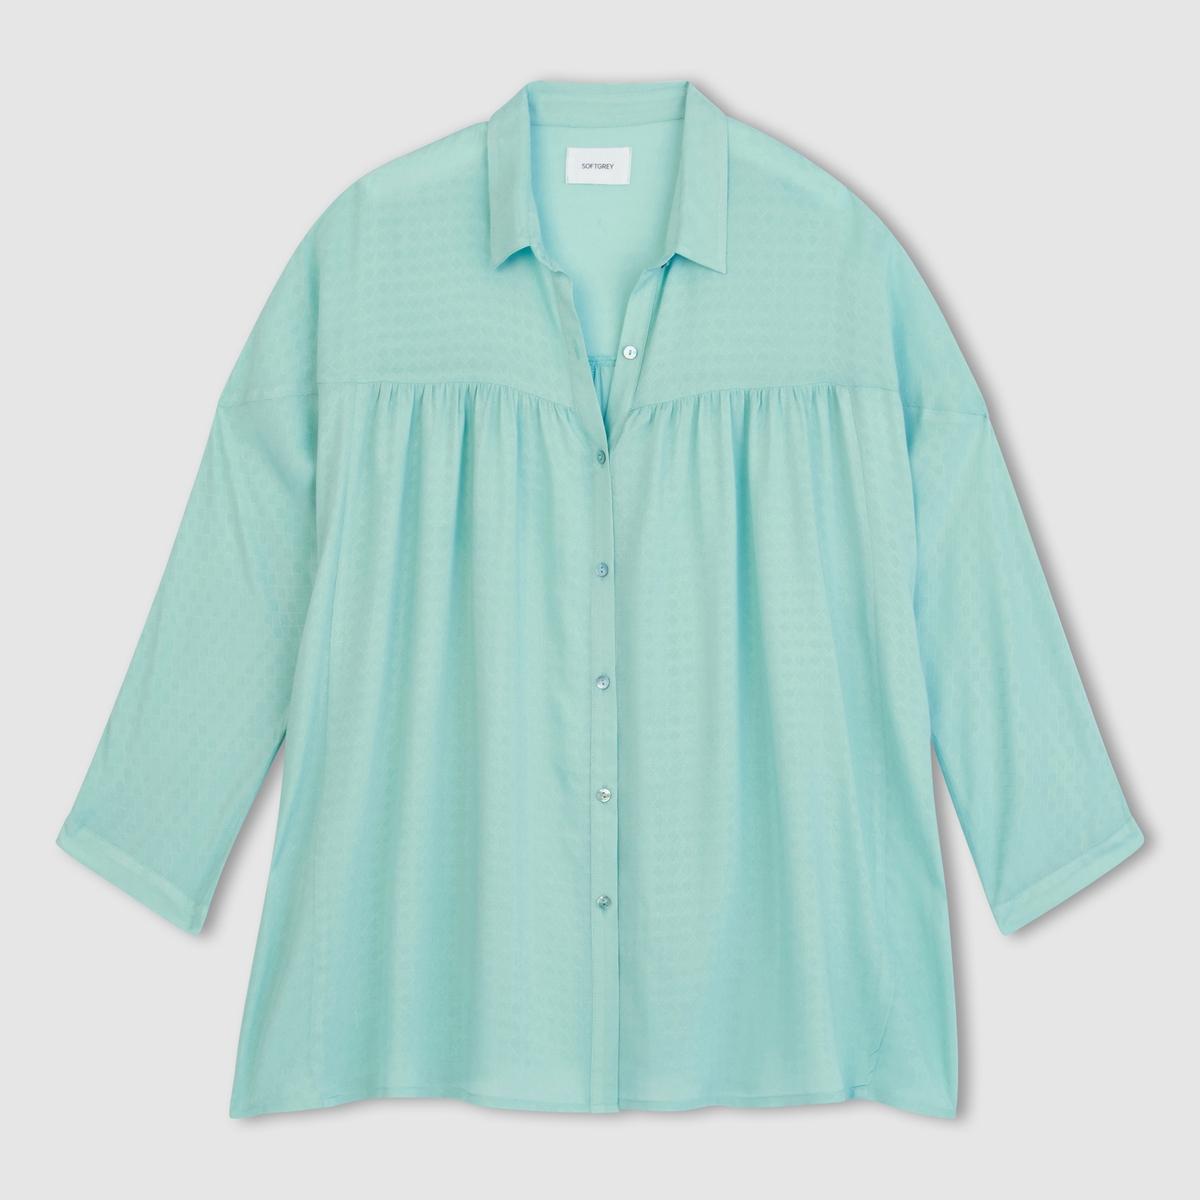 Рубашка объемного покроя с рукавами летучая мышьРубашка, 100% рельефная вискоза. Широкий рукав фасона летучая мышь. Свободный покрой. Мелкие складки на груди. Застежка на пуговицы. Длина 69 см. Рубашка из струящейся ткани свободного покроя в богемном стиле.<br><br>Цвет: небесно-голубой,оранжевый<br>Размер: 38 (FR) - 44 (RUS).44 (FR) - 50 (RUS)